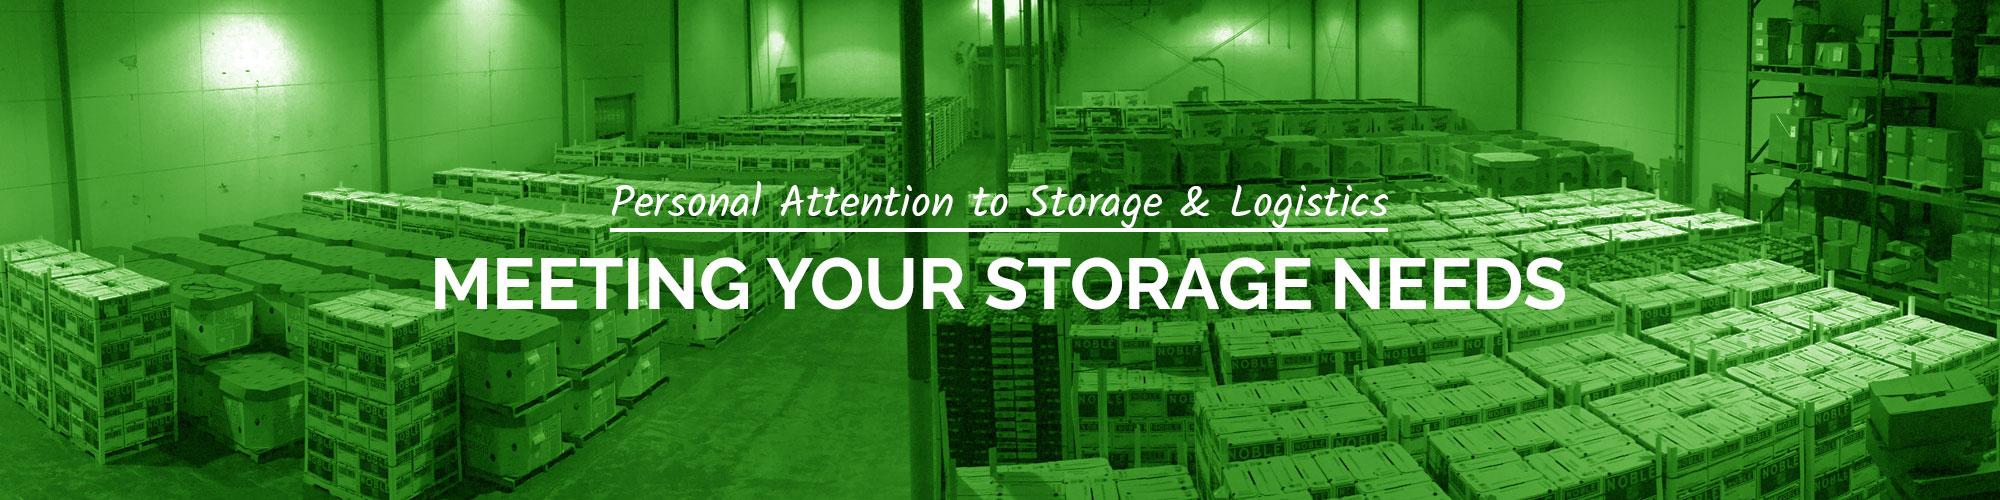 header-storage